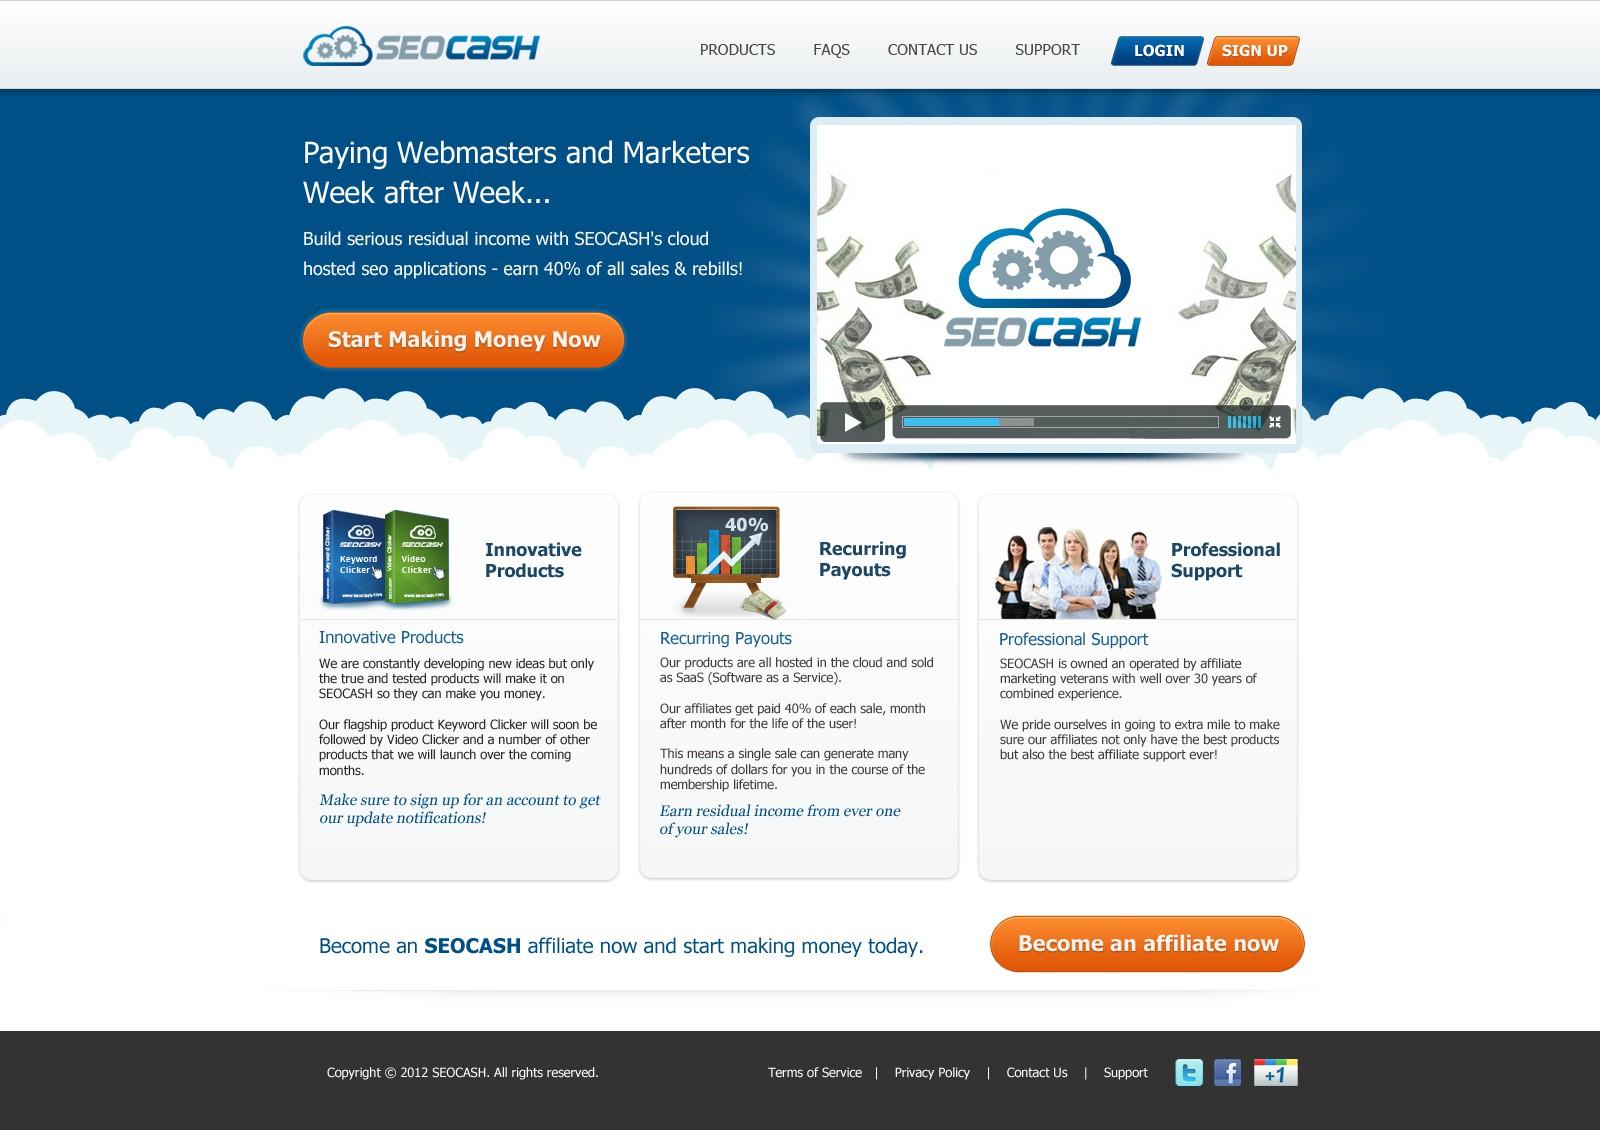 website design for SEOCASH